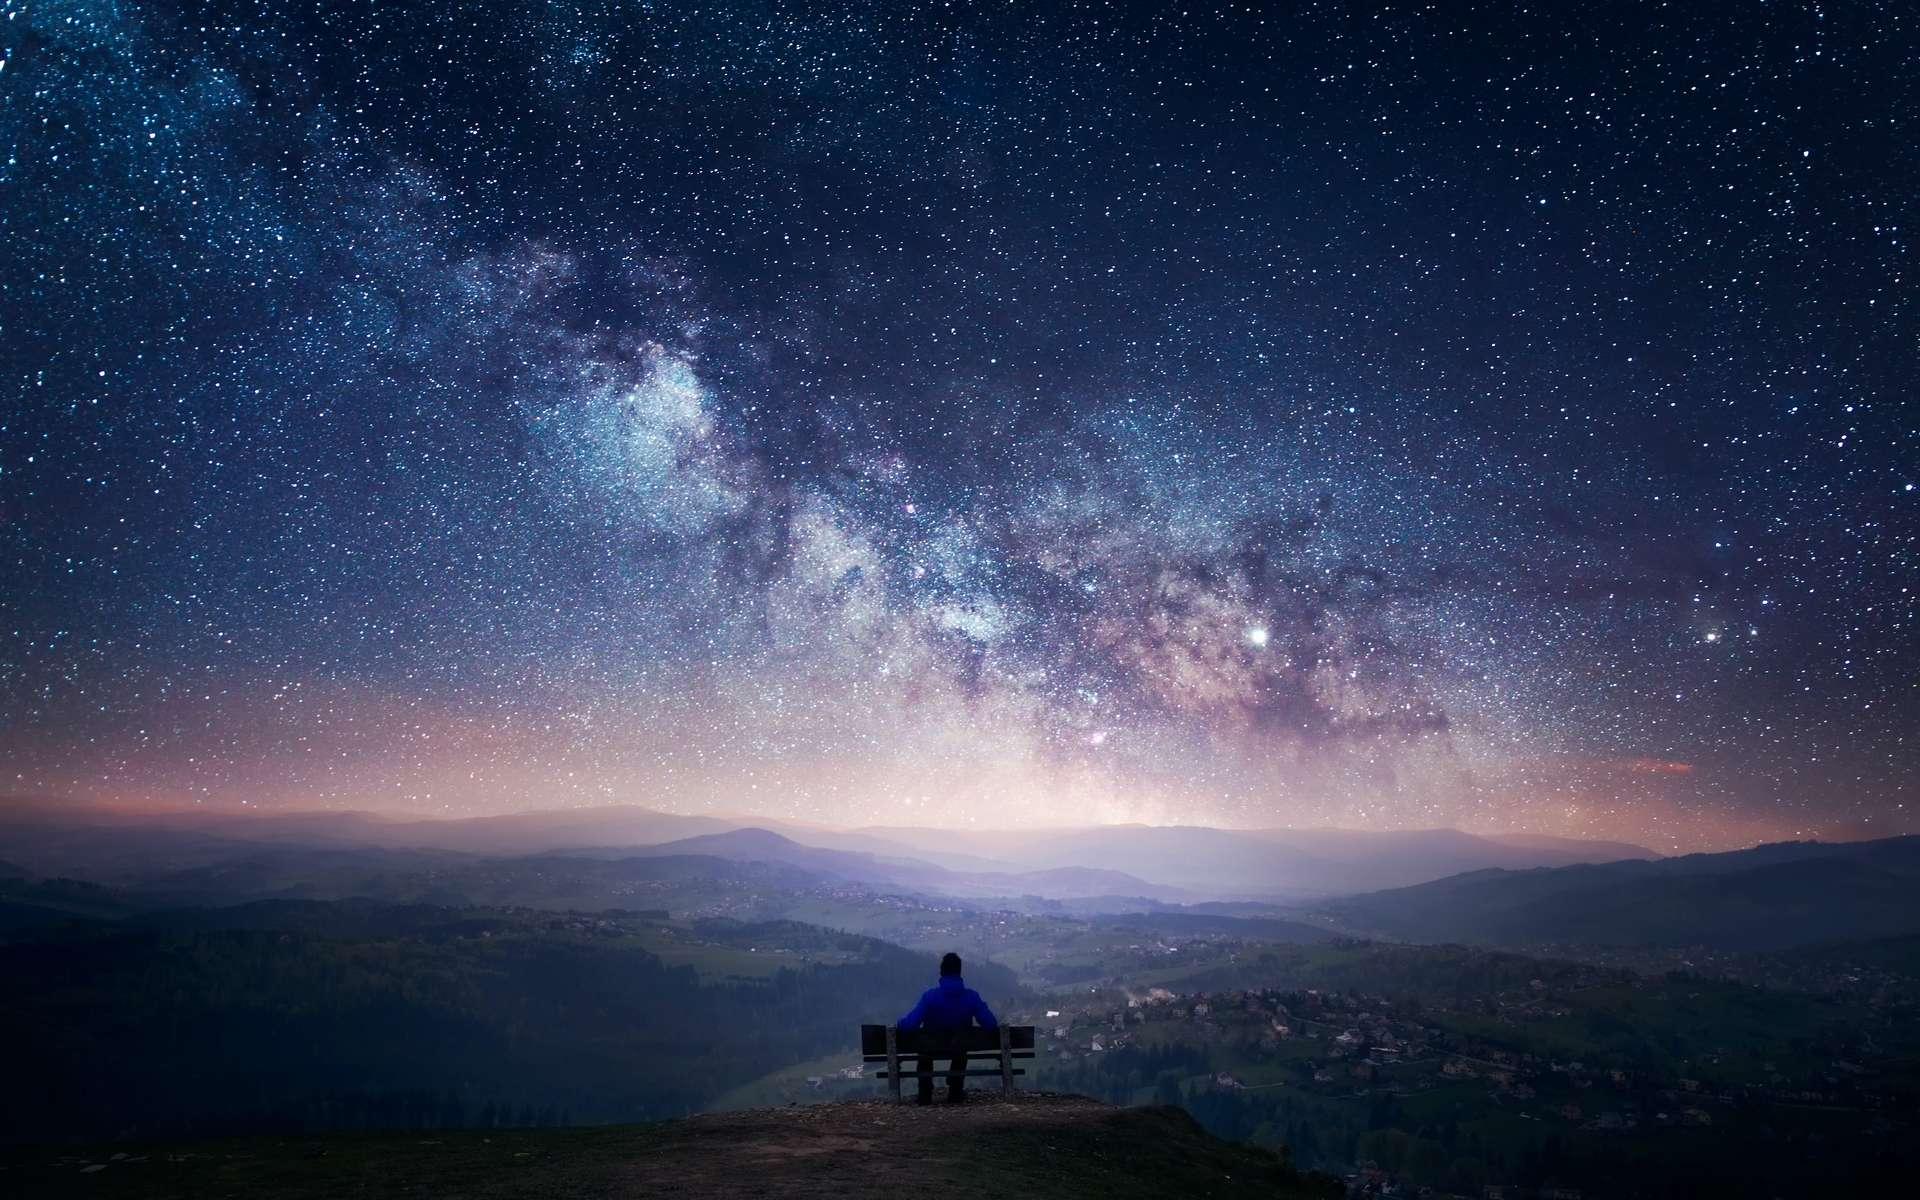 Des astronomes australiens ont écouté 10 millions d'étoiles à l'aide du Murchison Widefield Array (MWA). Ils n'ont pas capté la moindre technosignature ! © PiotrPawe, Adobe Stock